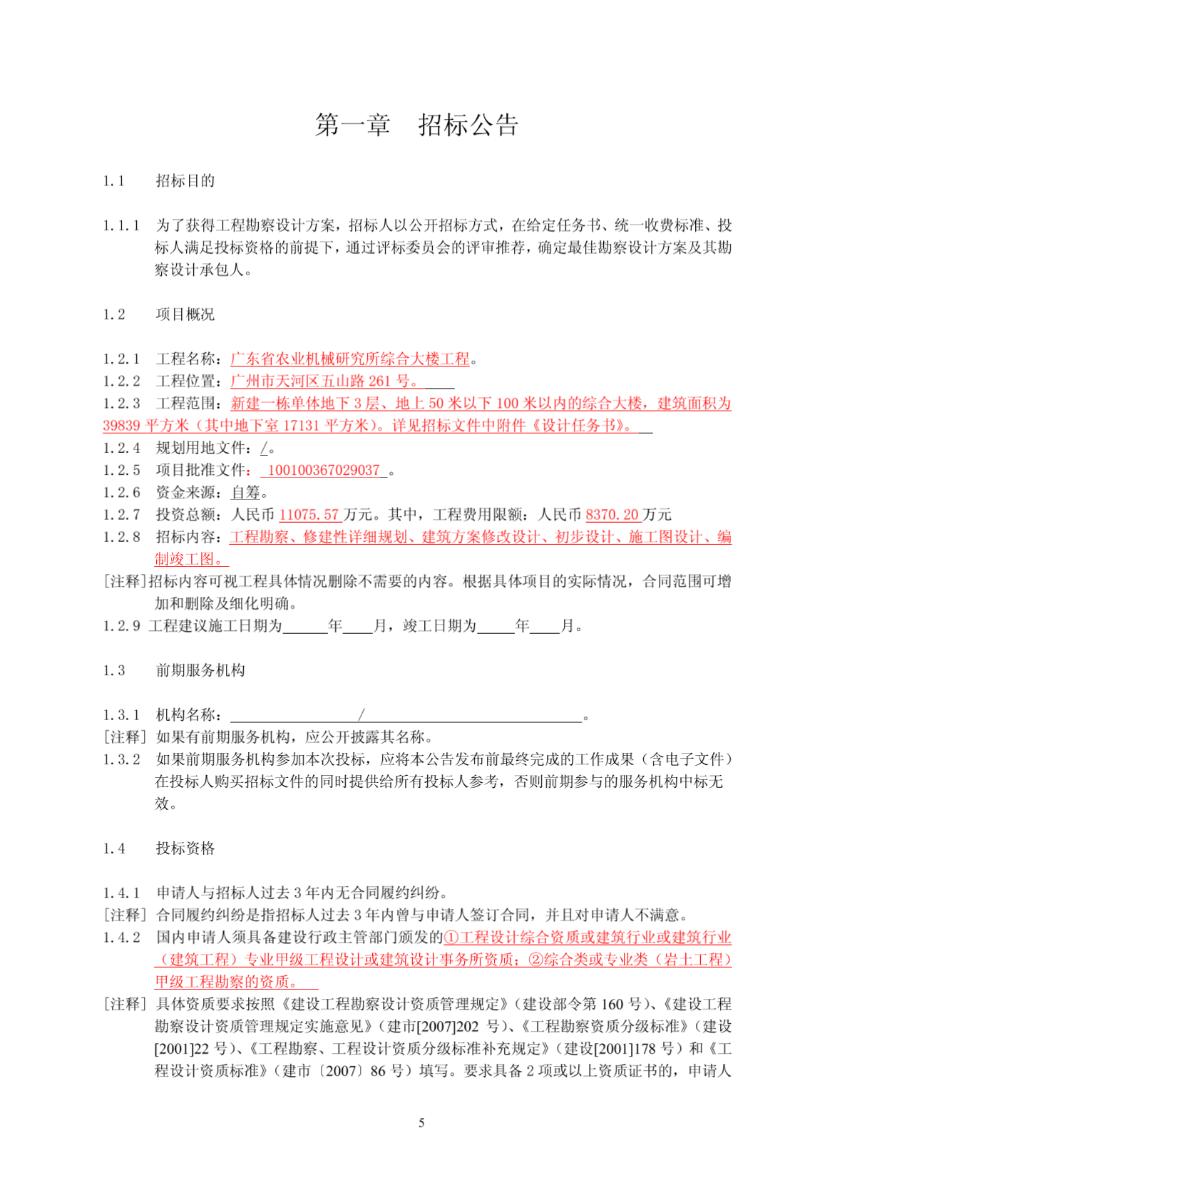 广东省农业机械研究所综合大楼工程勘察设计招标文件-图二